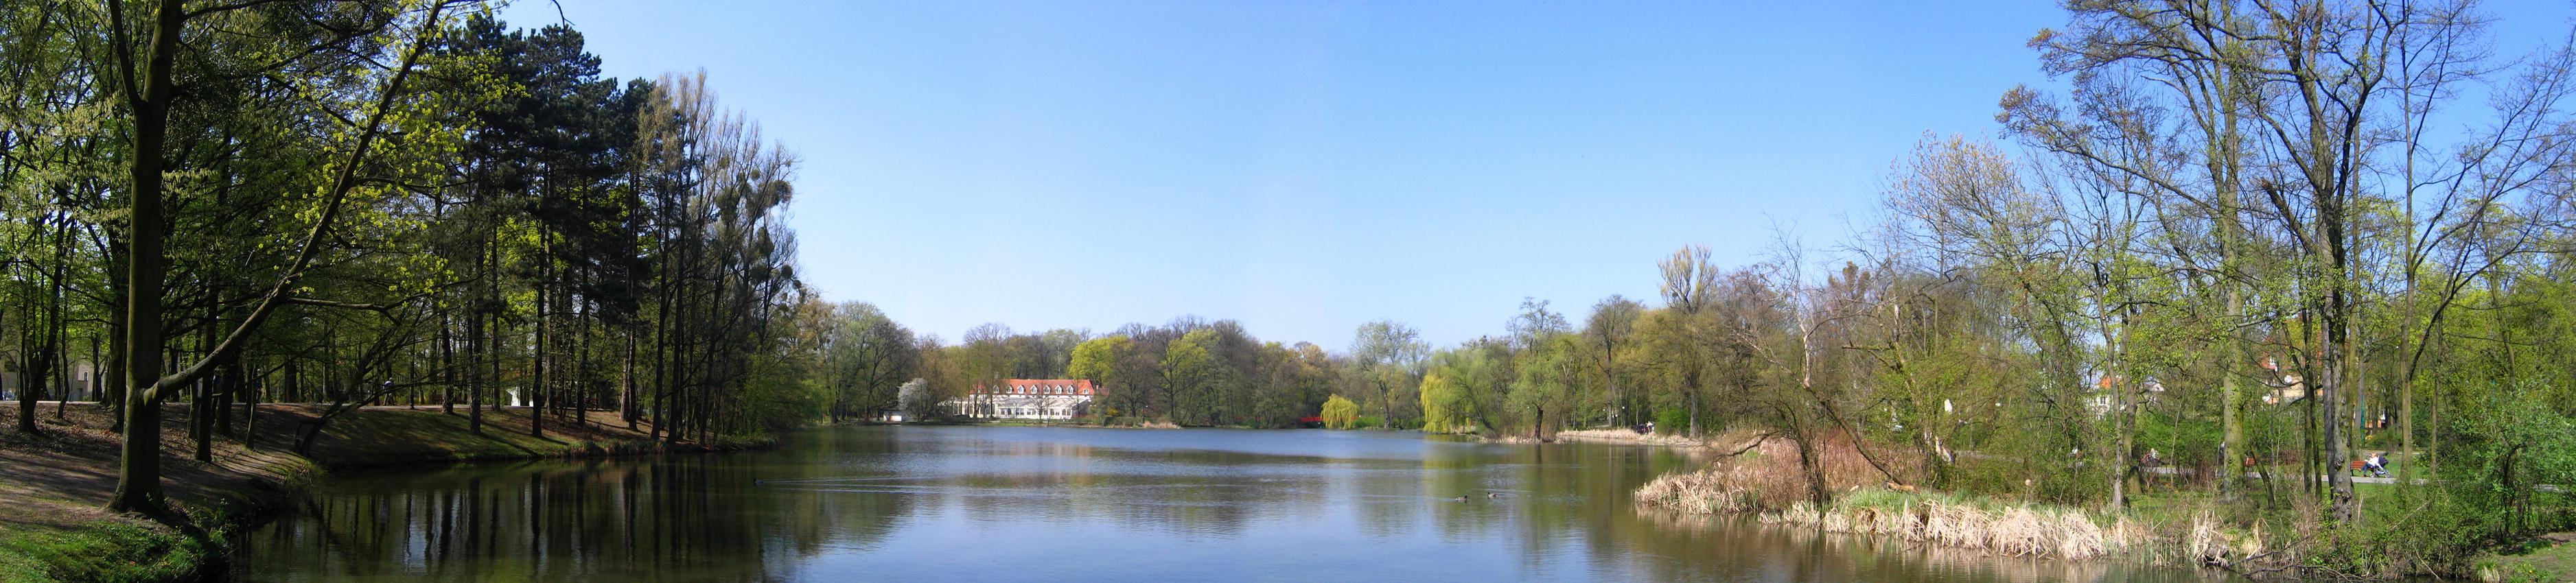 Park Sołacki | fot. kura | Wikimedia Commons | lic. CC-BY-4.0